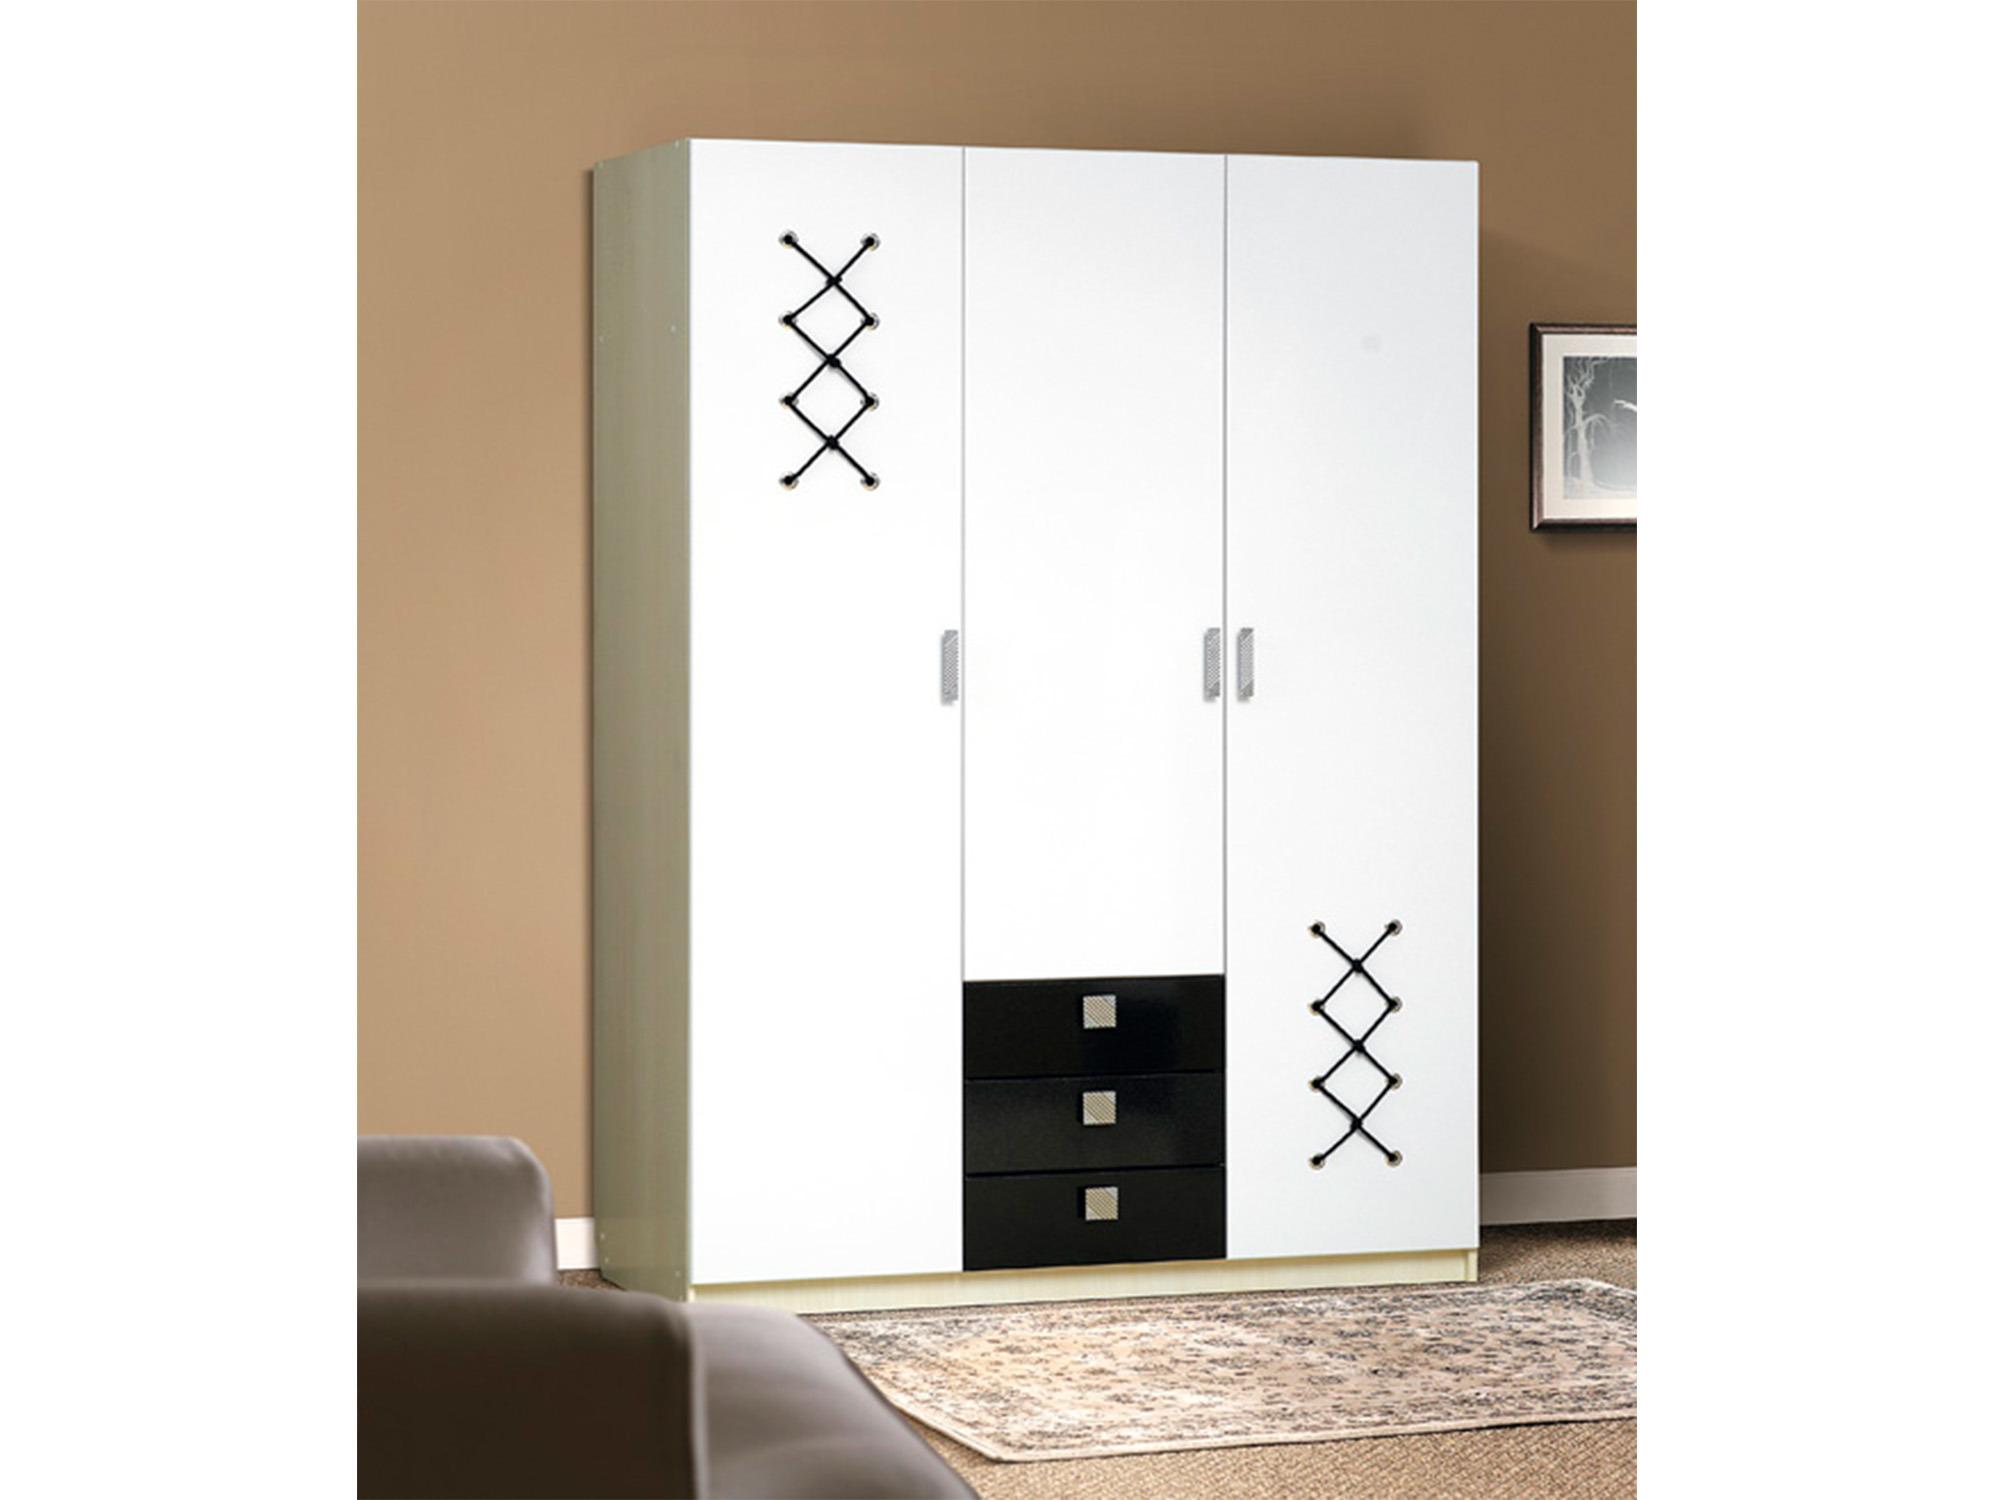 Шкаф с ящиками 3 створчатый МорячкаДетская<br><br><br>Длина мм: 1500<br>Высота мм: 2200<br>Глубина мм: 580